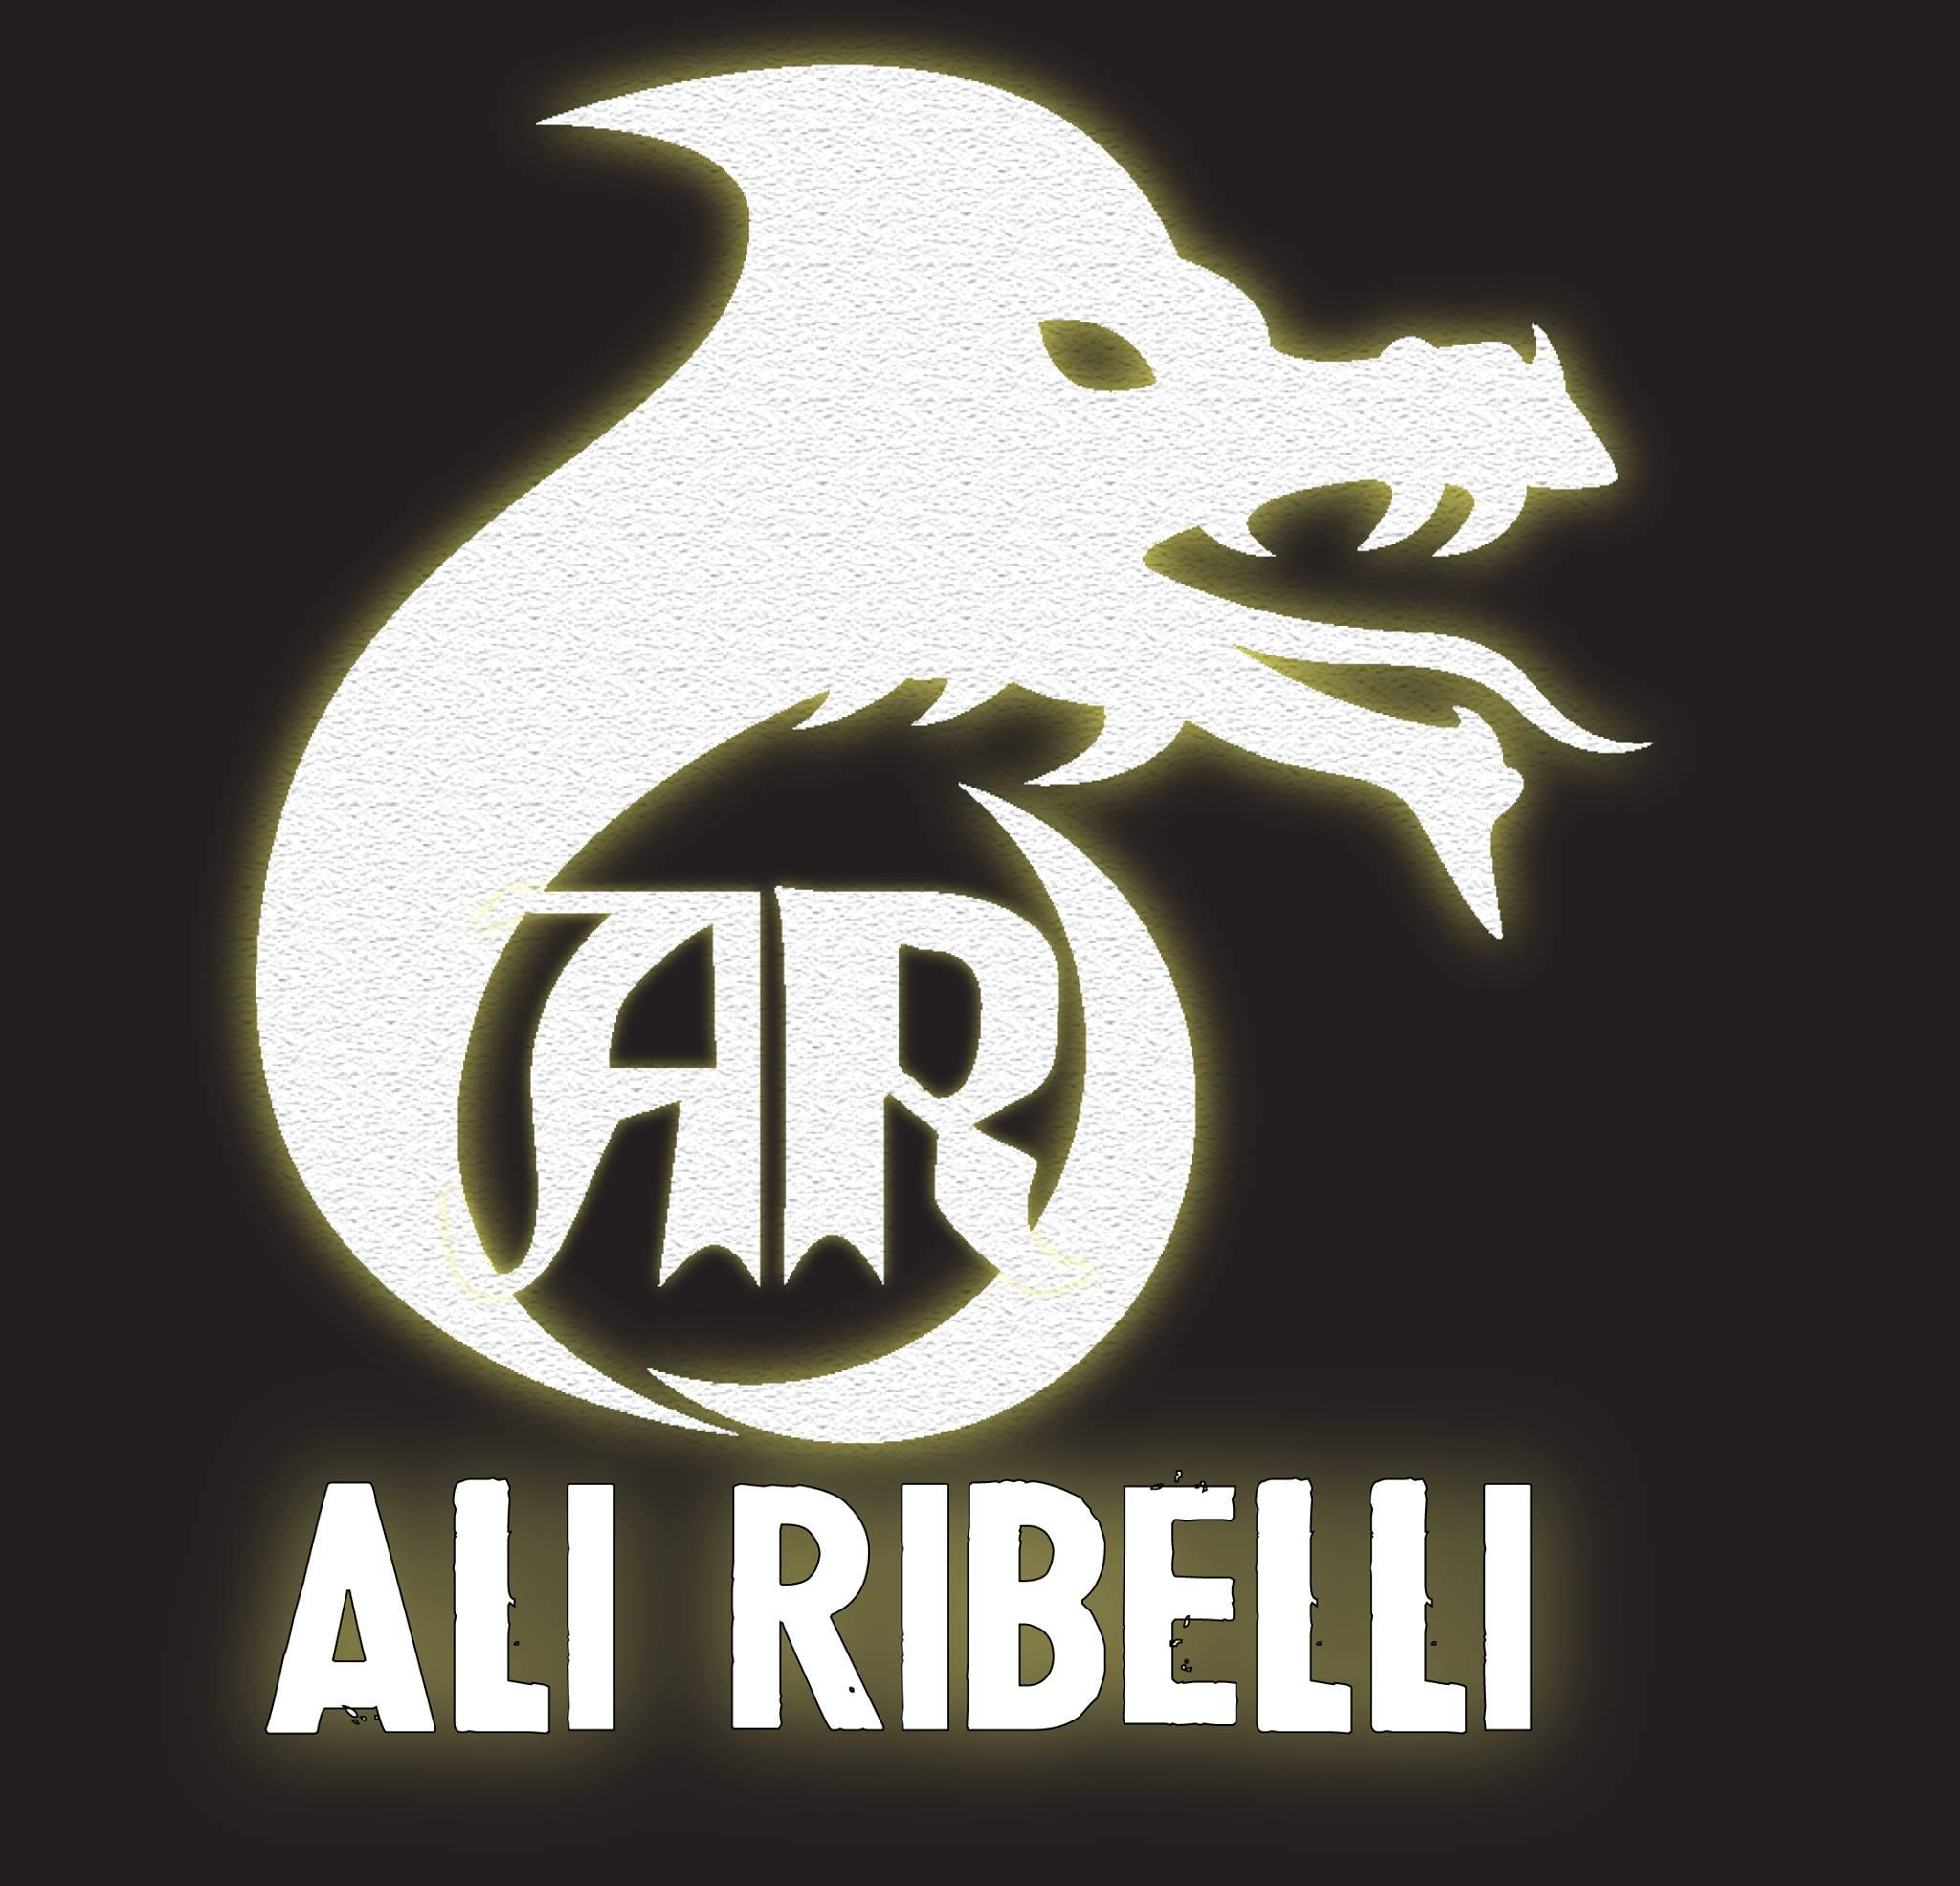 Ali ribelli edizioni